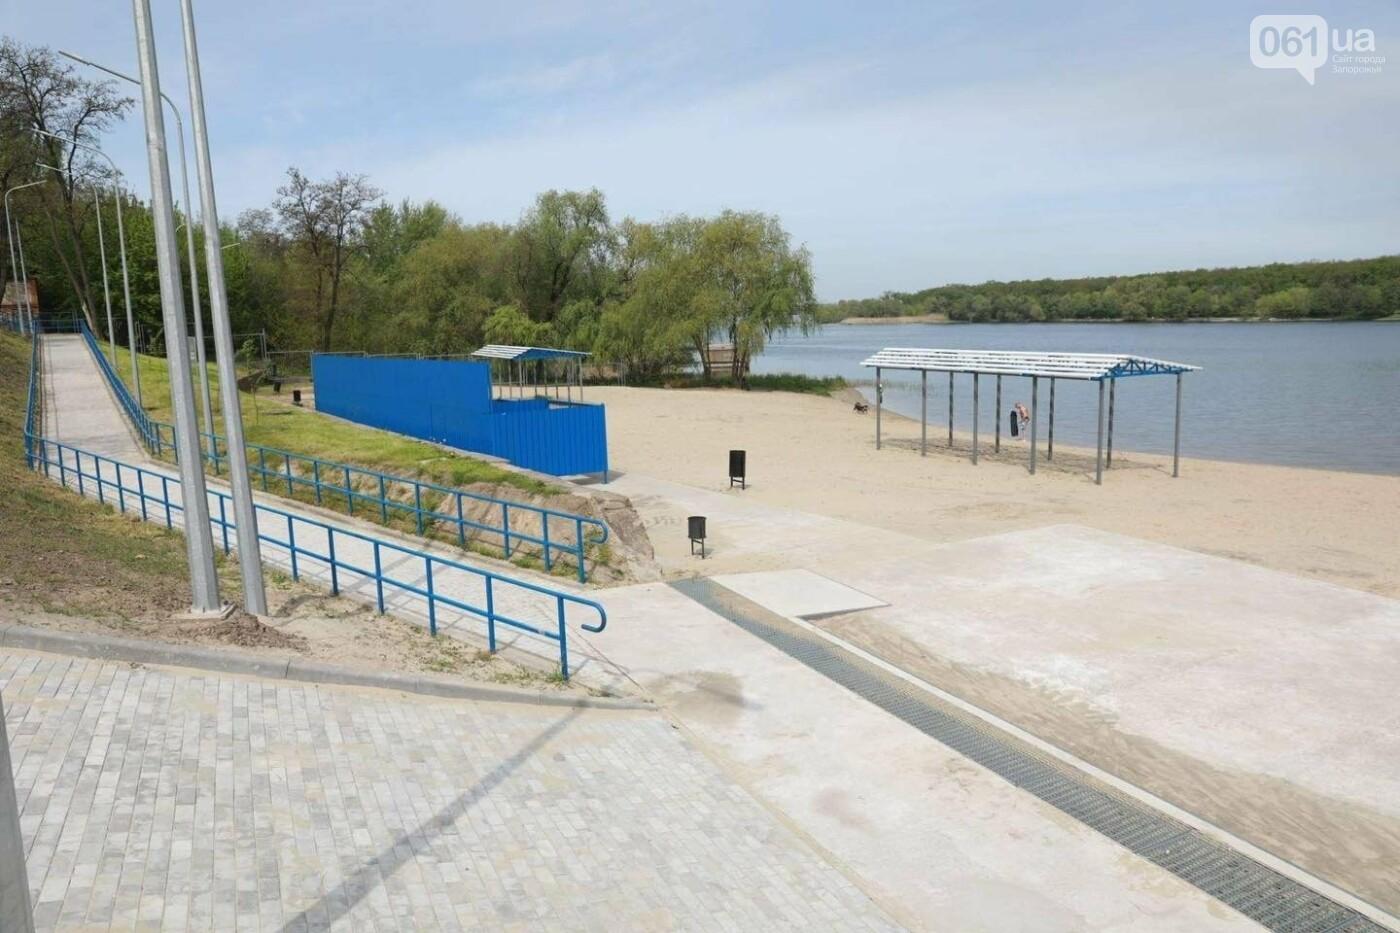 4 года и 25 миллионов гривен: в Запорожье завершается многострадальная реконструкция пляжа на Кичкасе, фото-1